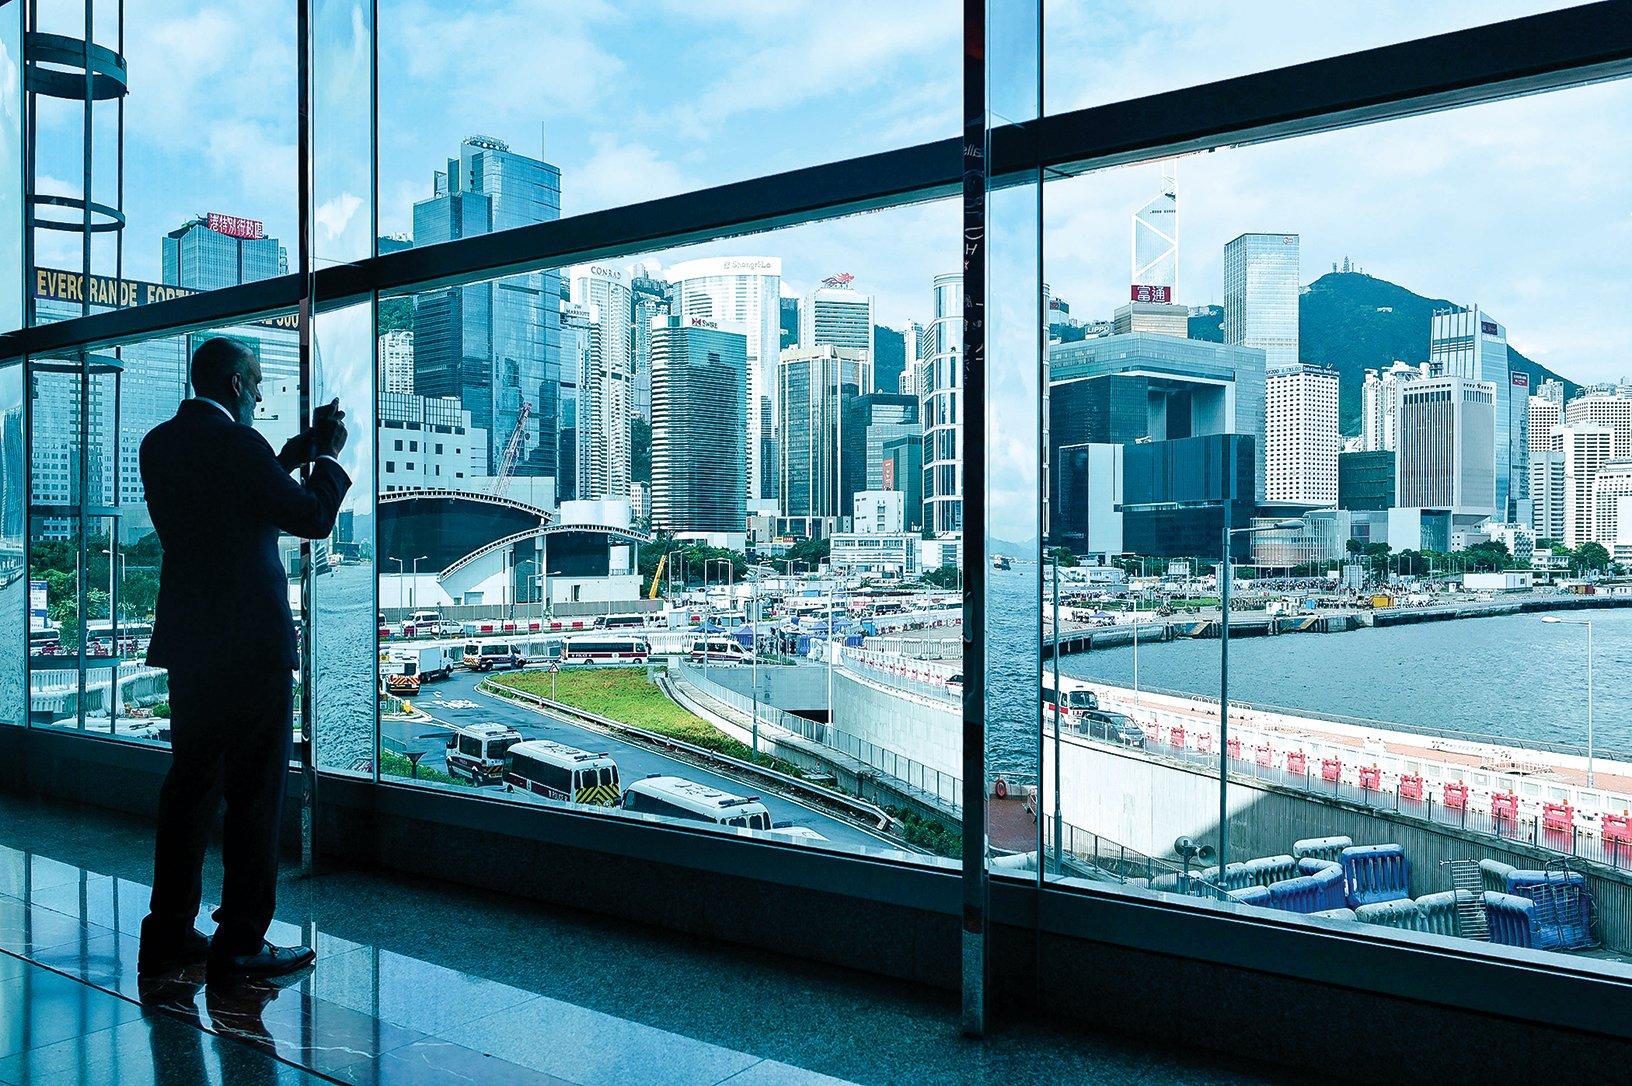 香港有很多從大陸來的商人,現在正把一部份資產轉移出香港。圖為香港的一處繁華街景。(Getty Images)